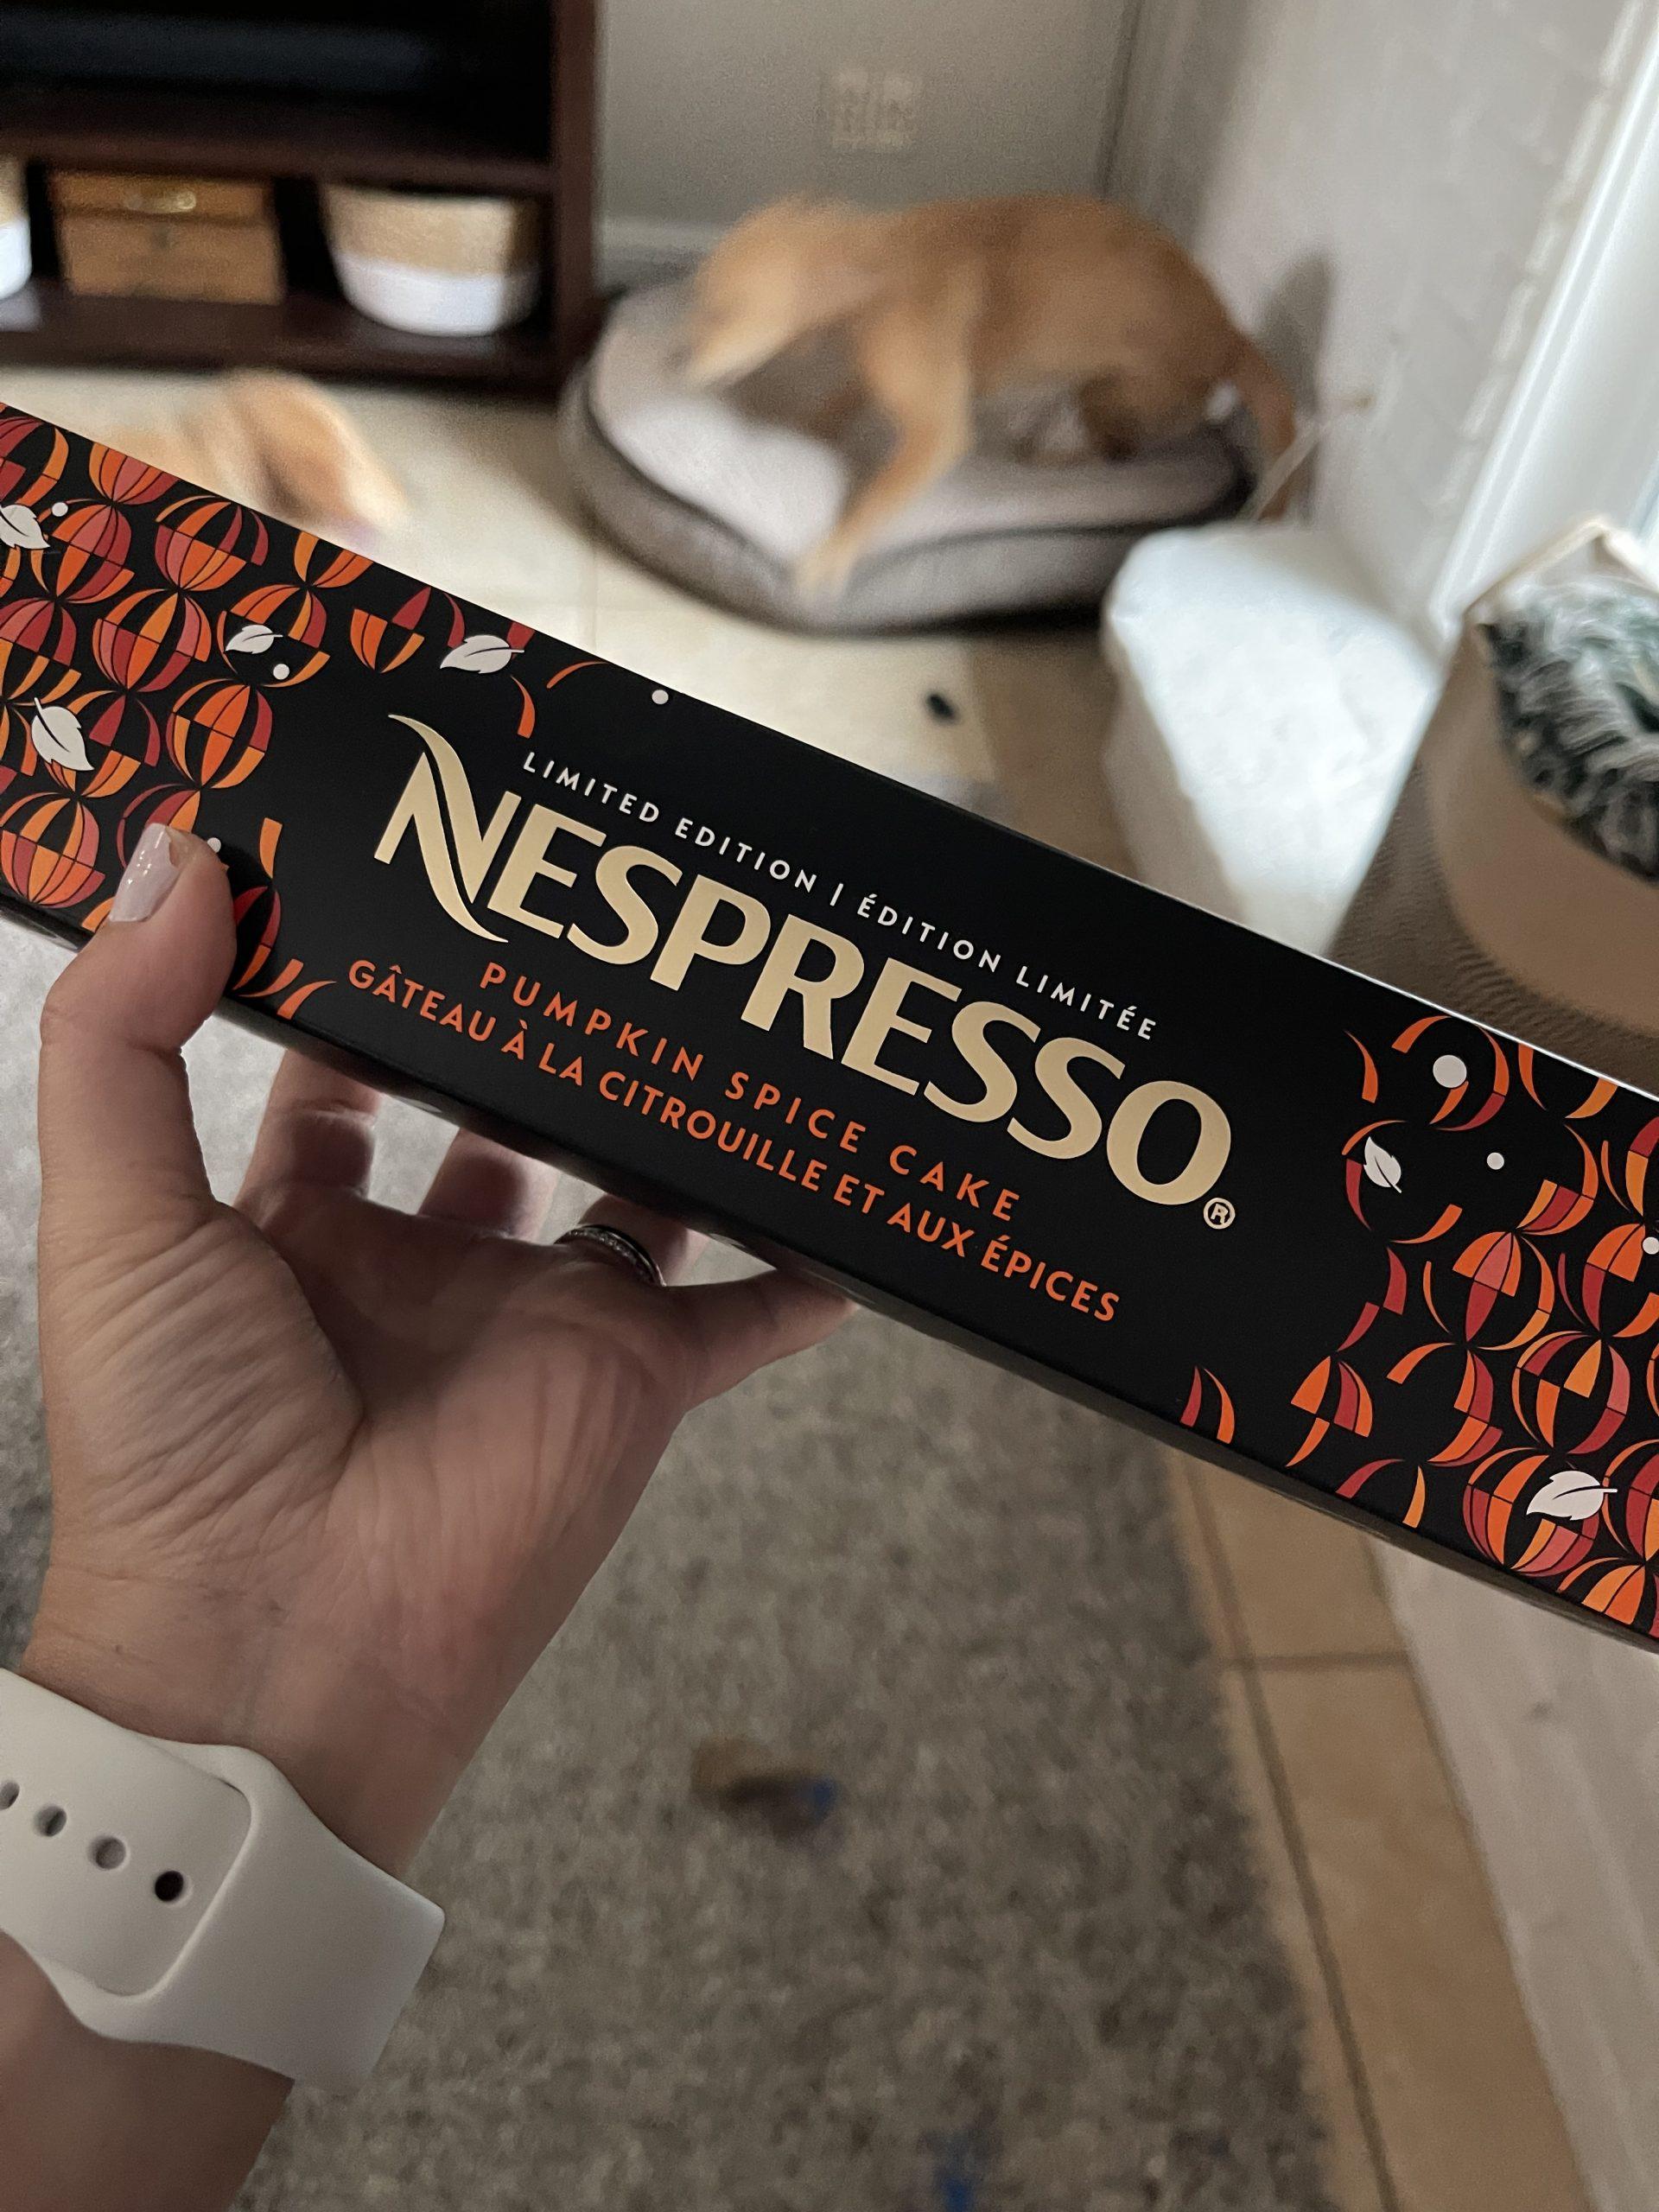 Nespresso pumpkin spice